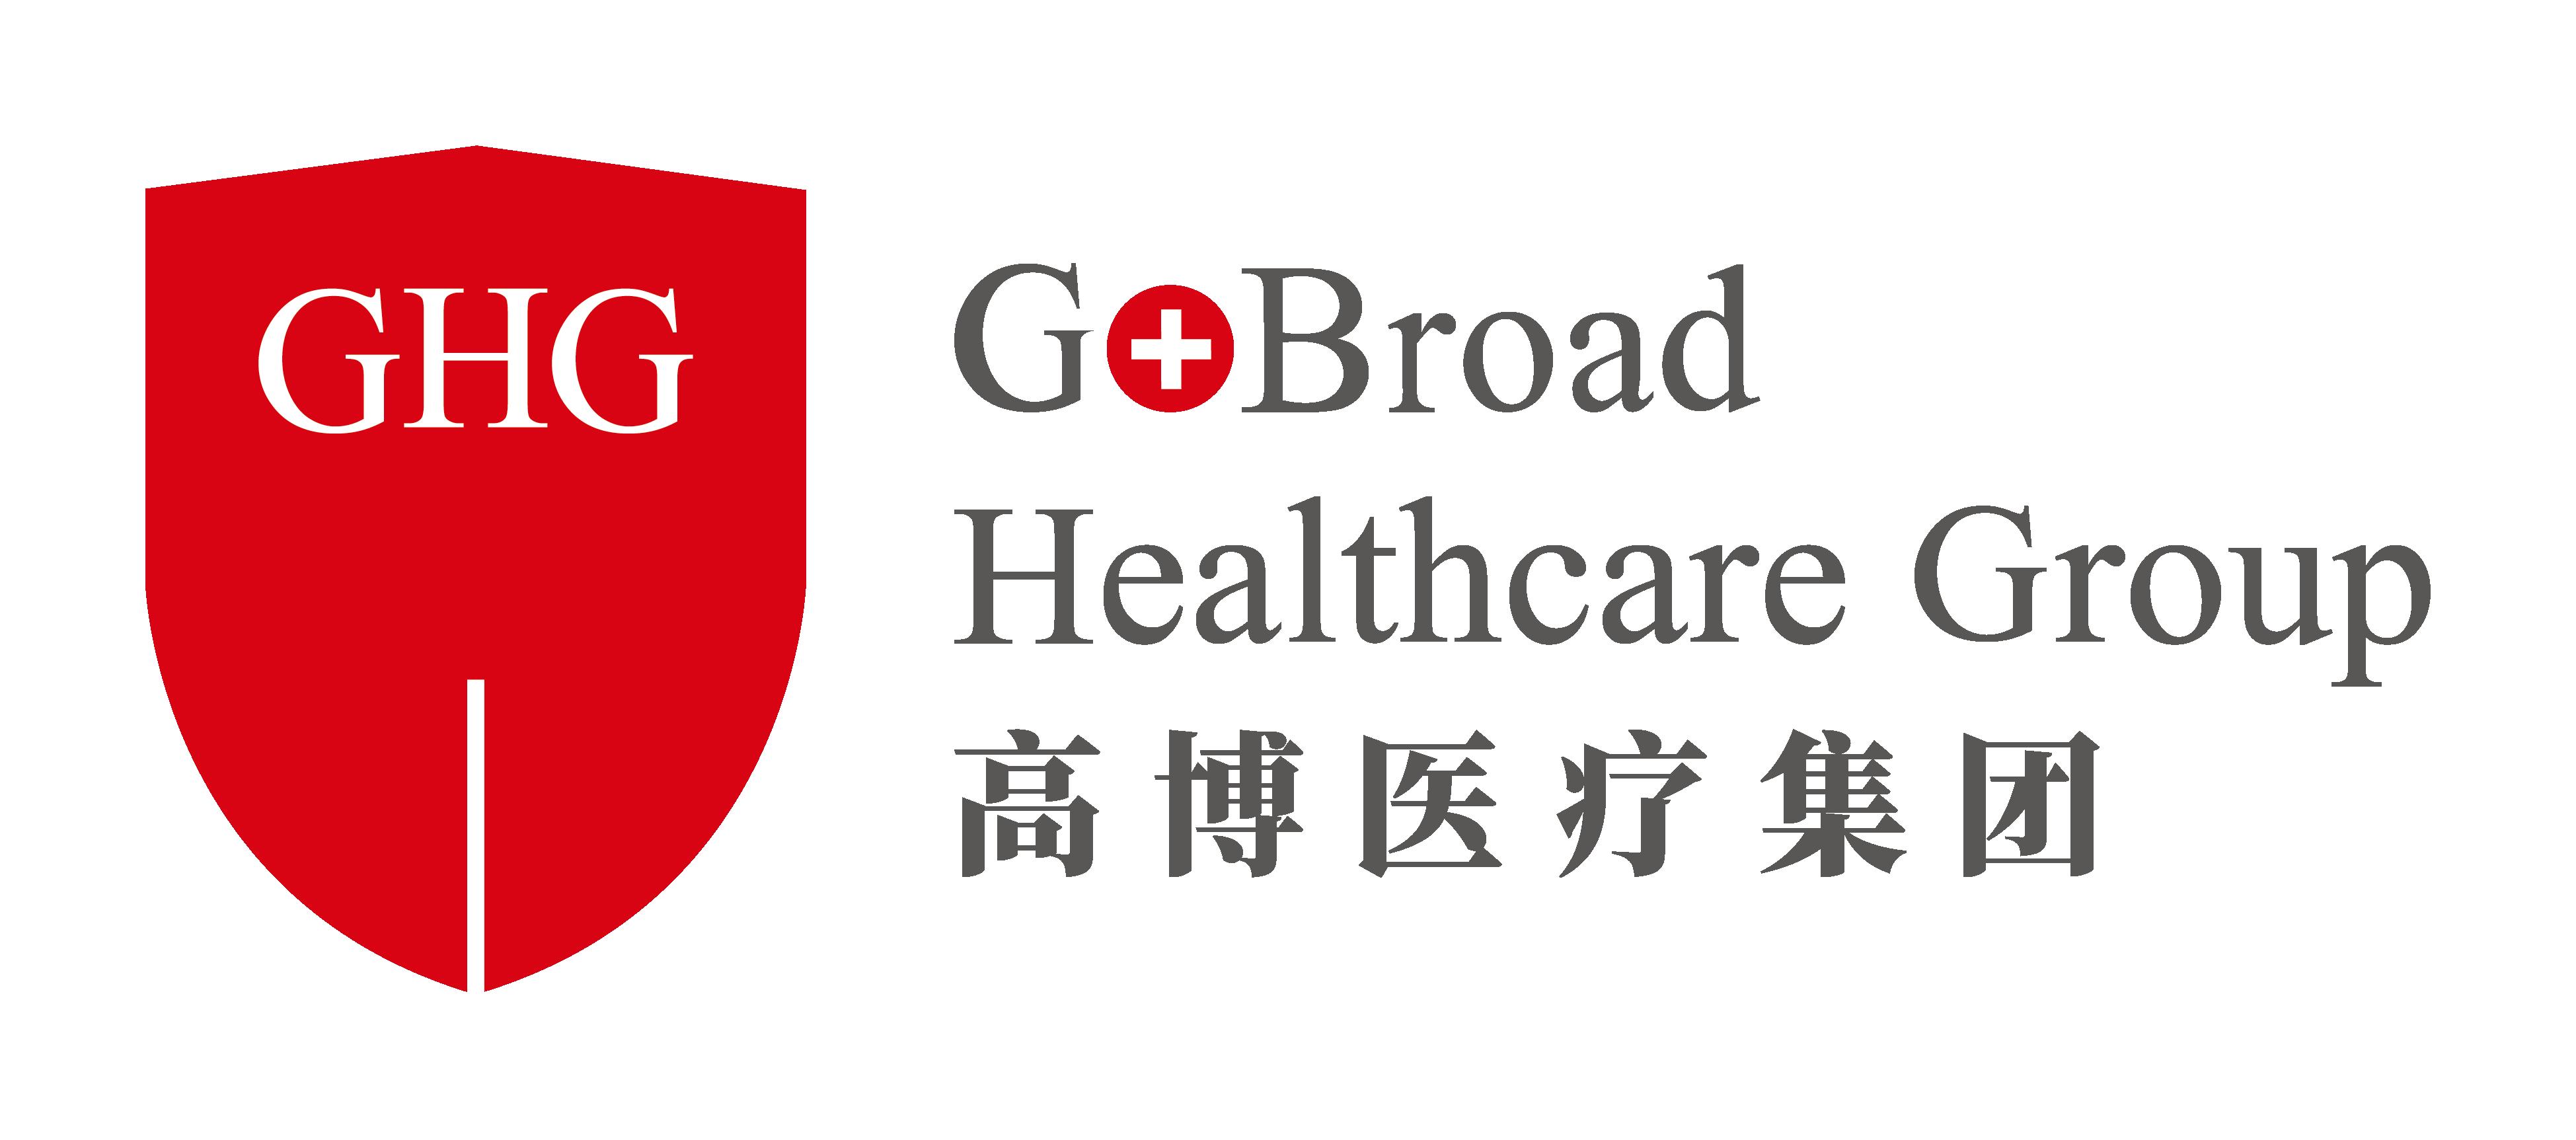 北京高博医院管理有限公司